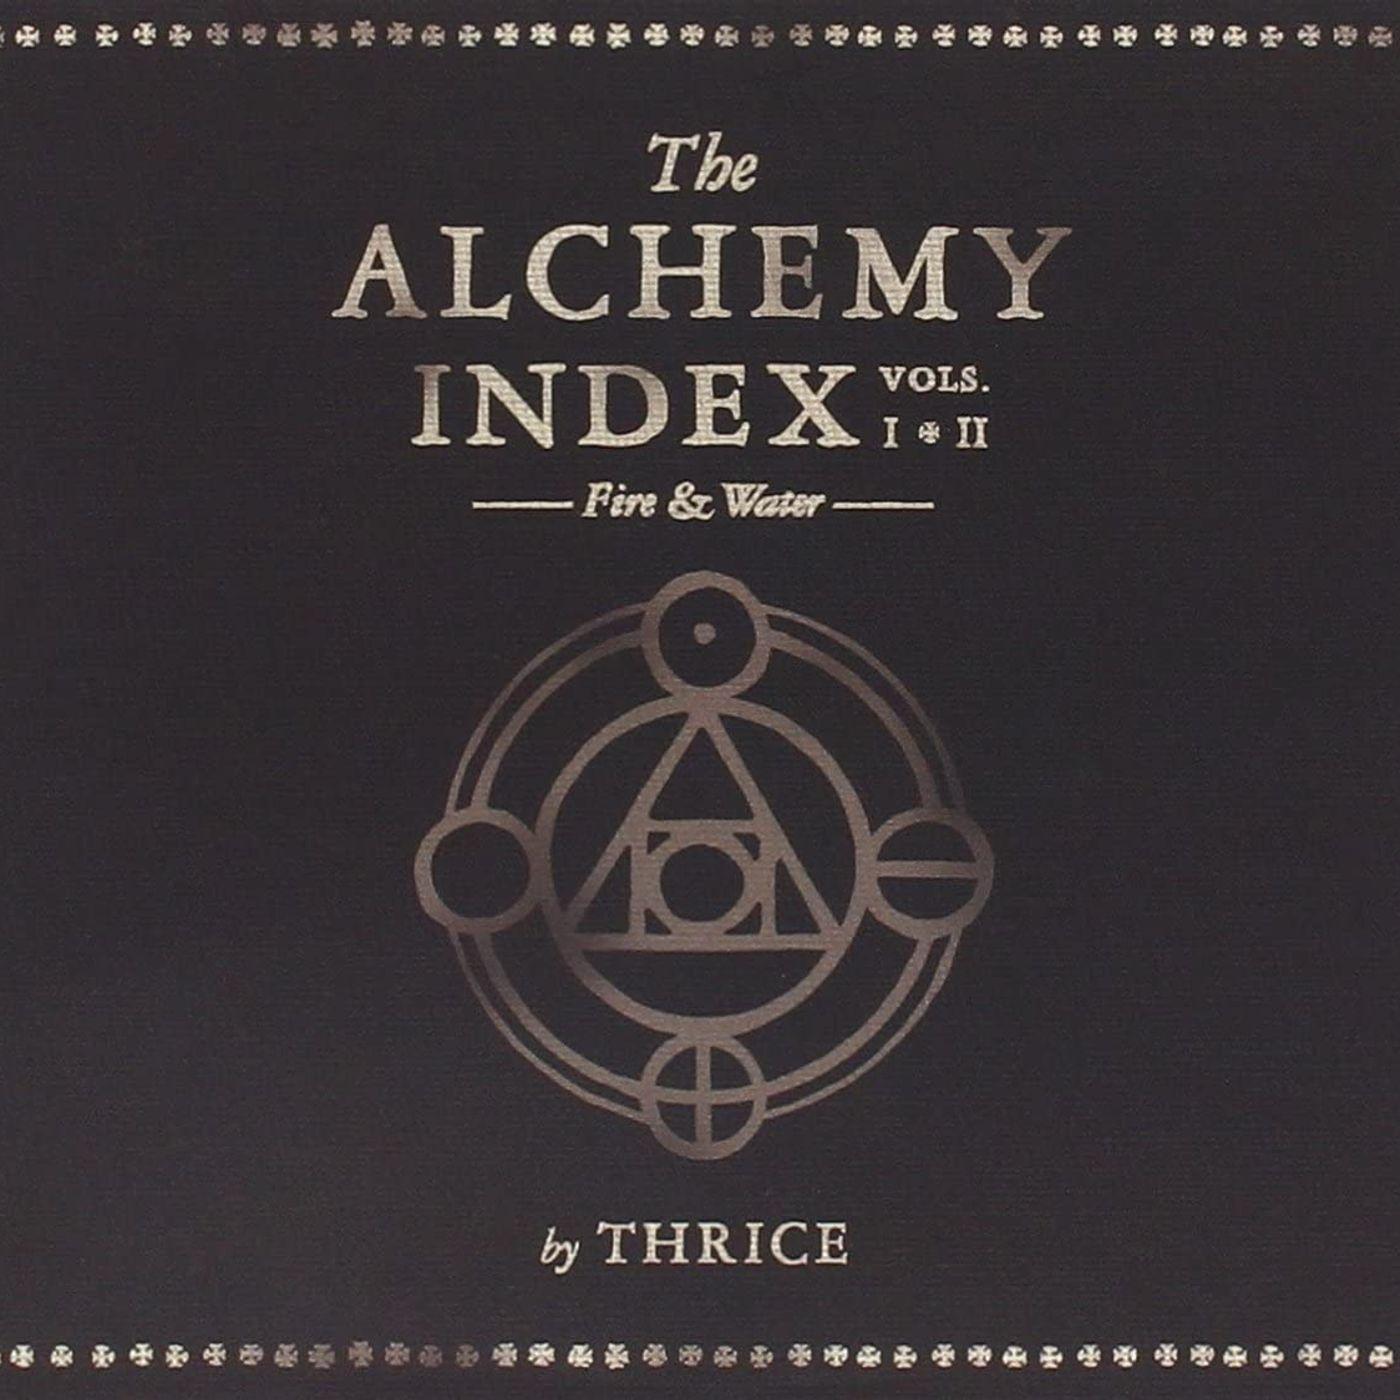 The Alchemy Index: Thrice with Ben Peilow